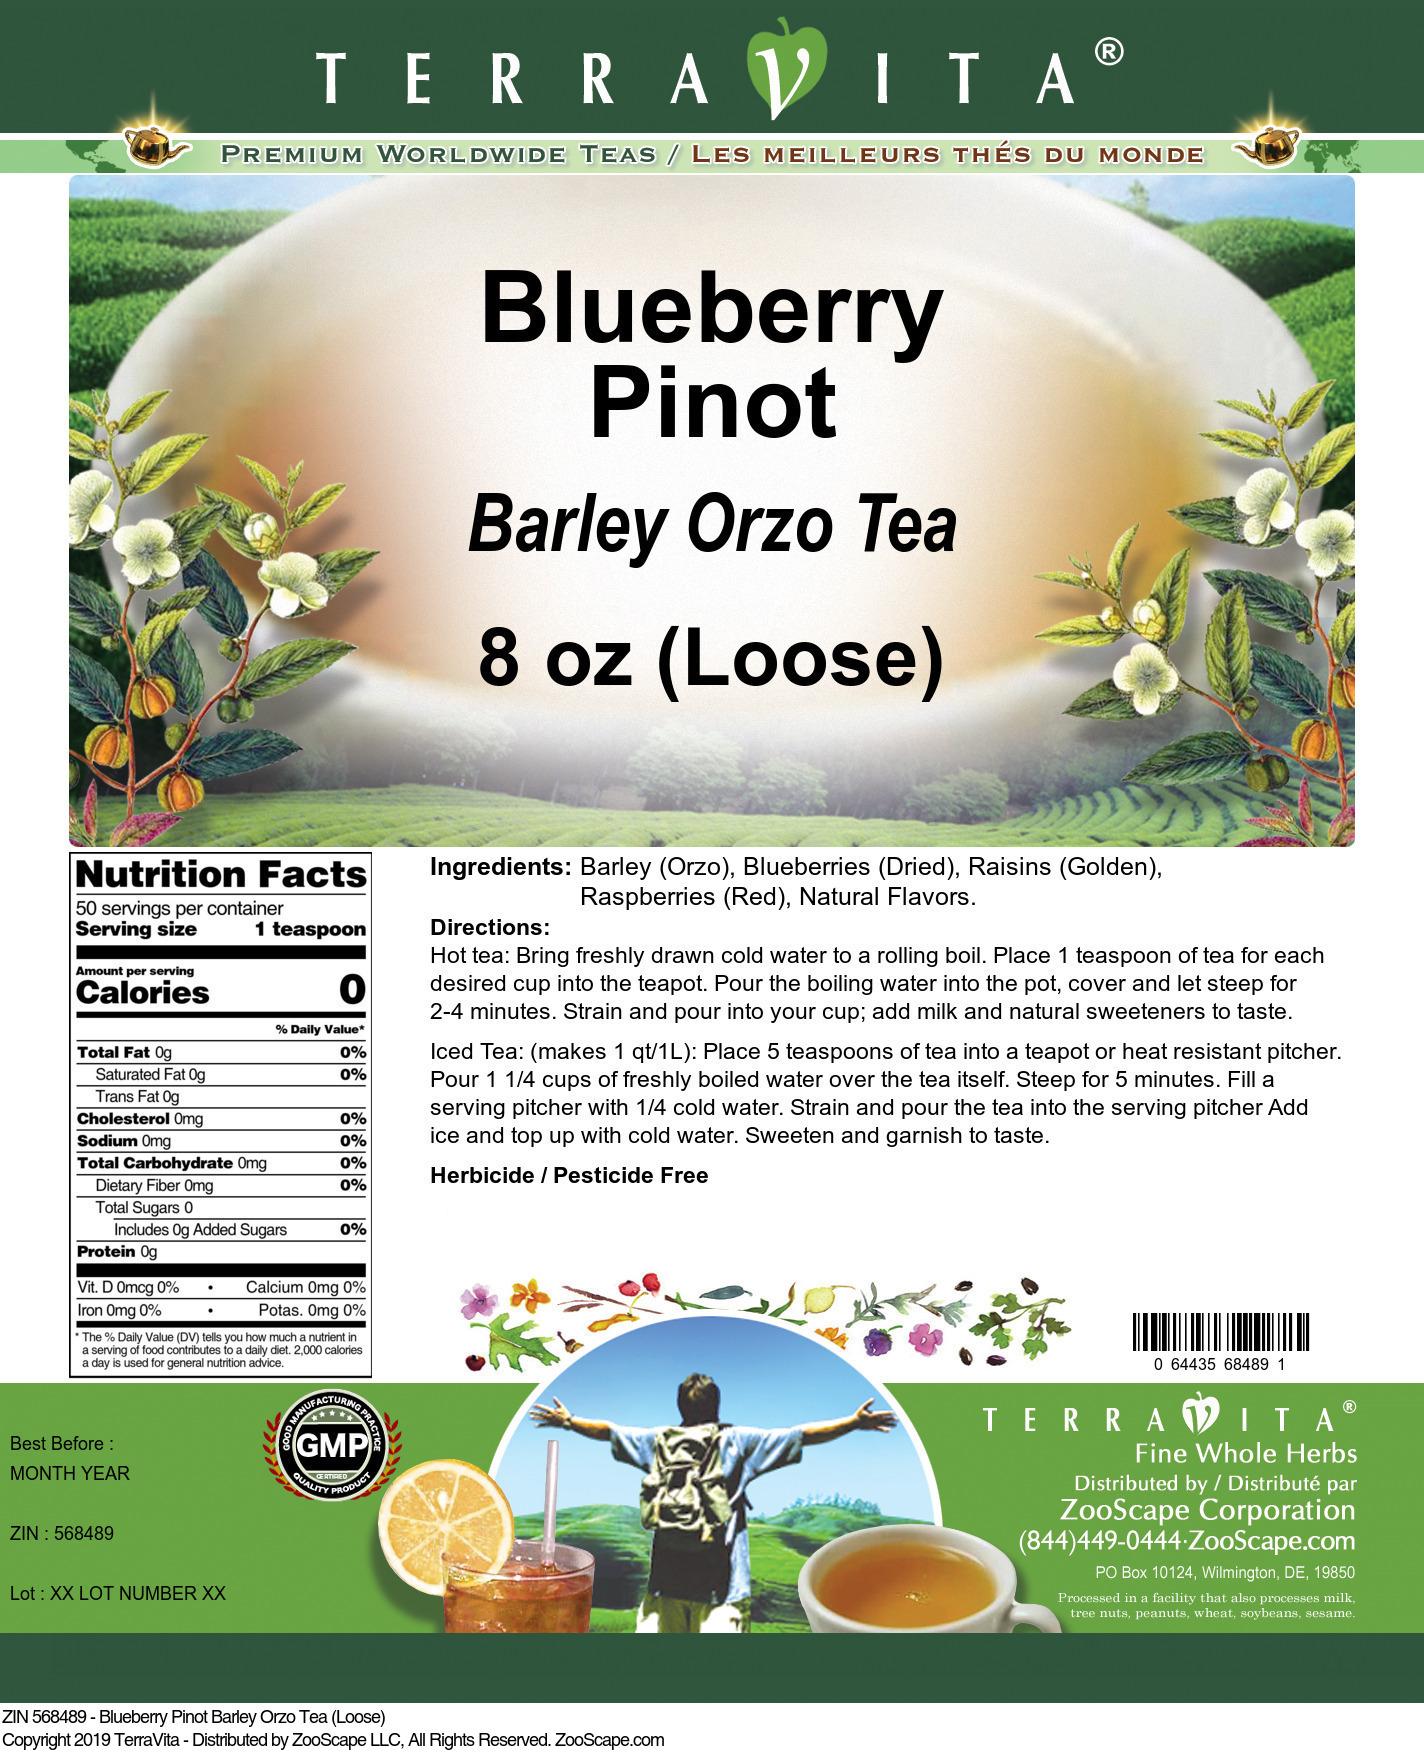 Blueberry Pinot Barley Orzo